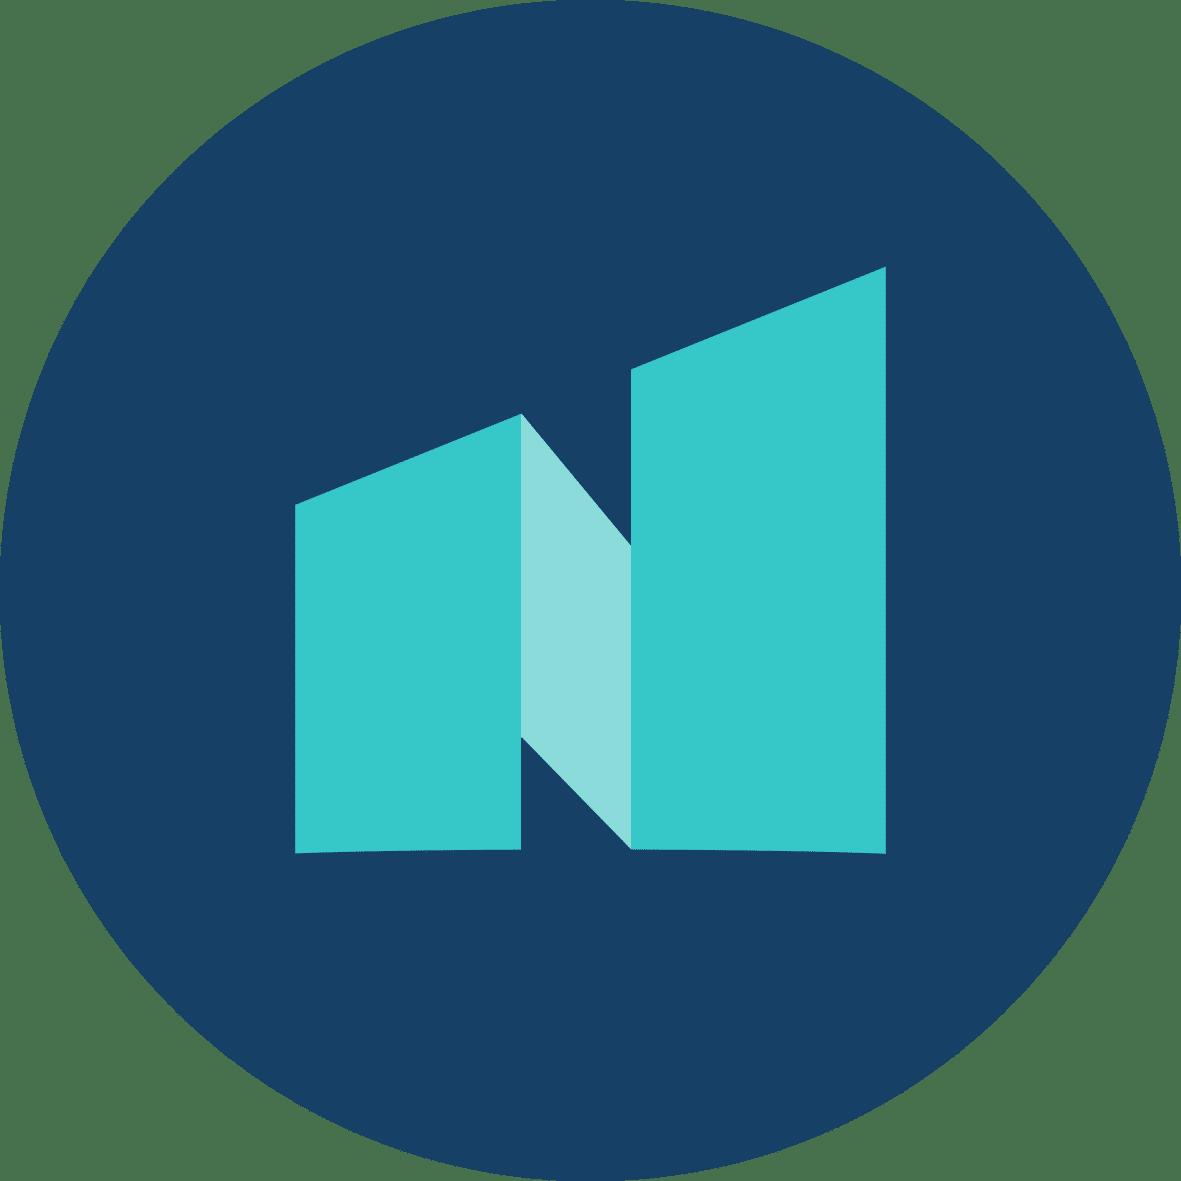 Netigate logo, verktyg för enkätundersäkningar efter mässor och event